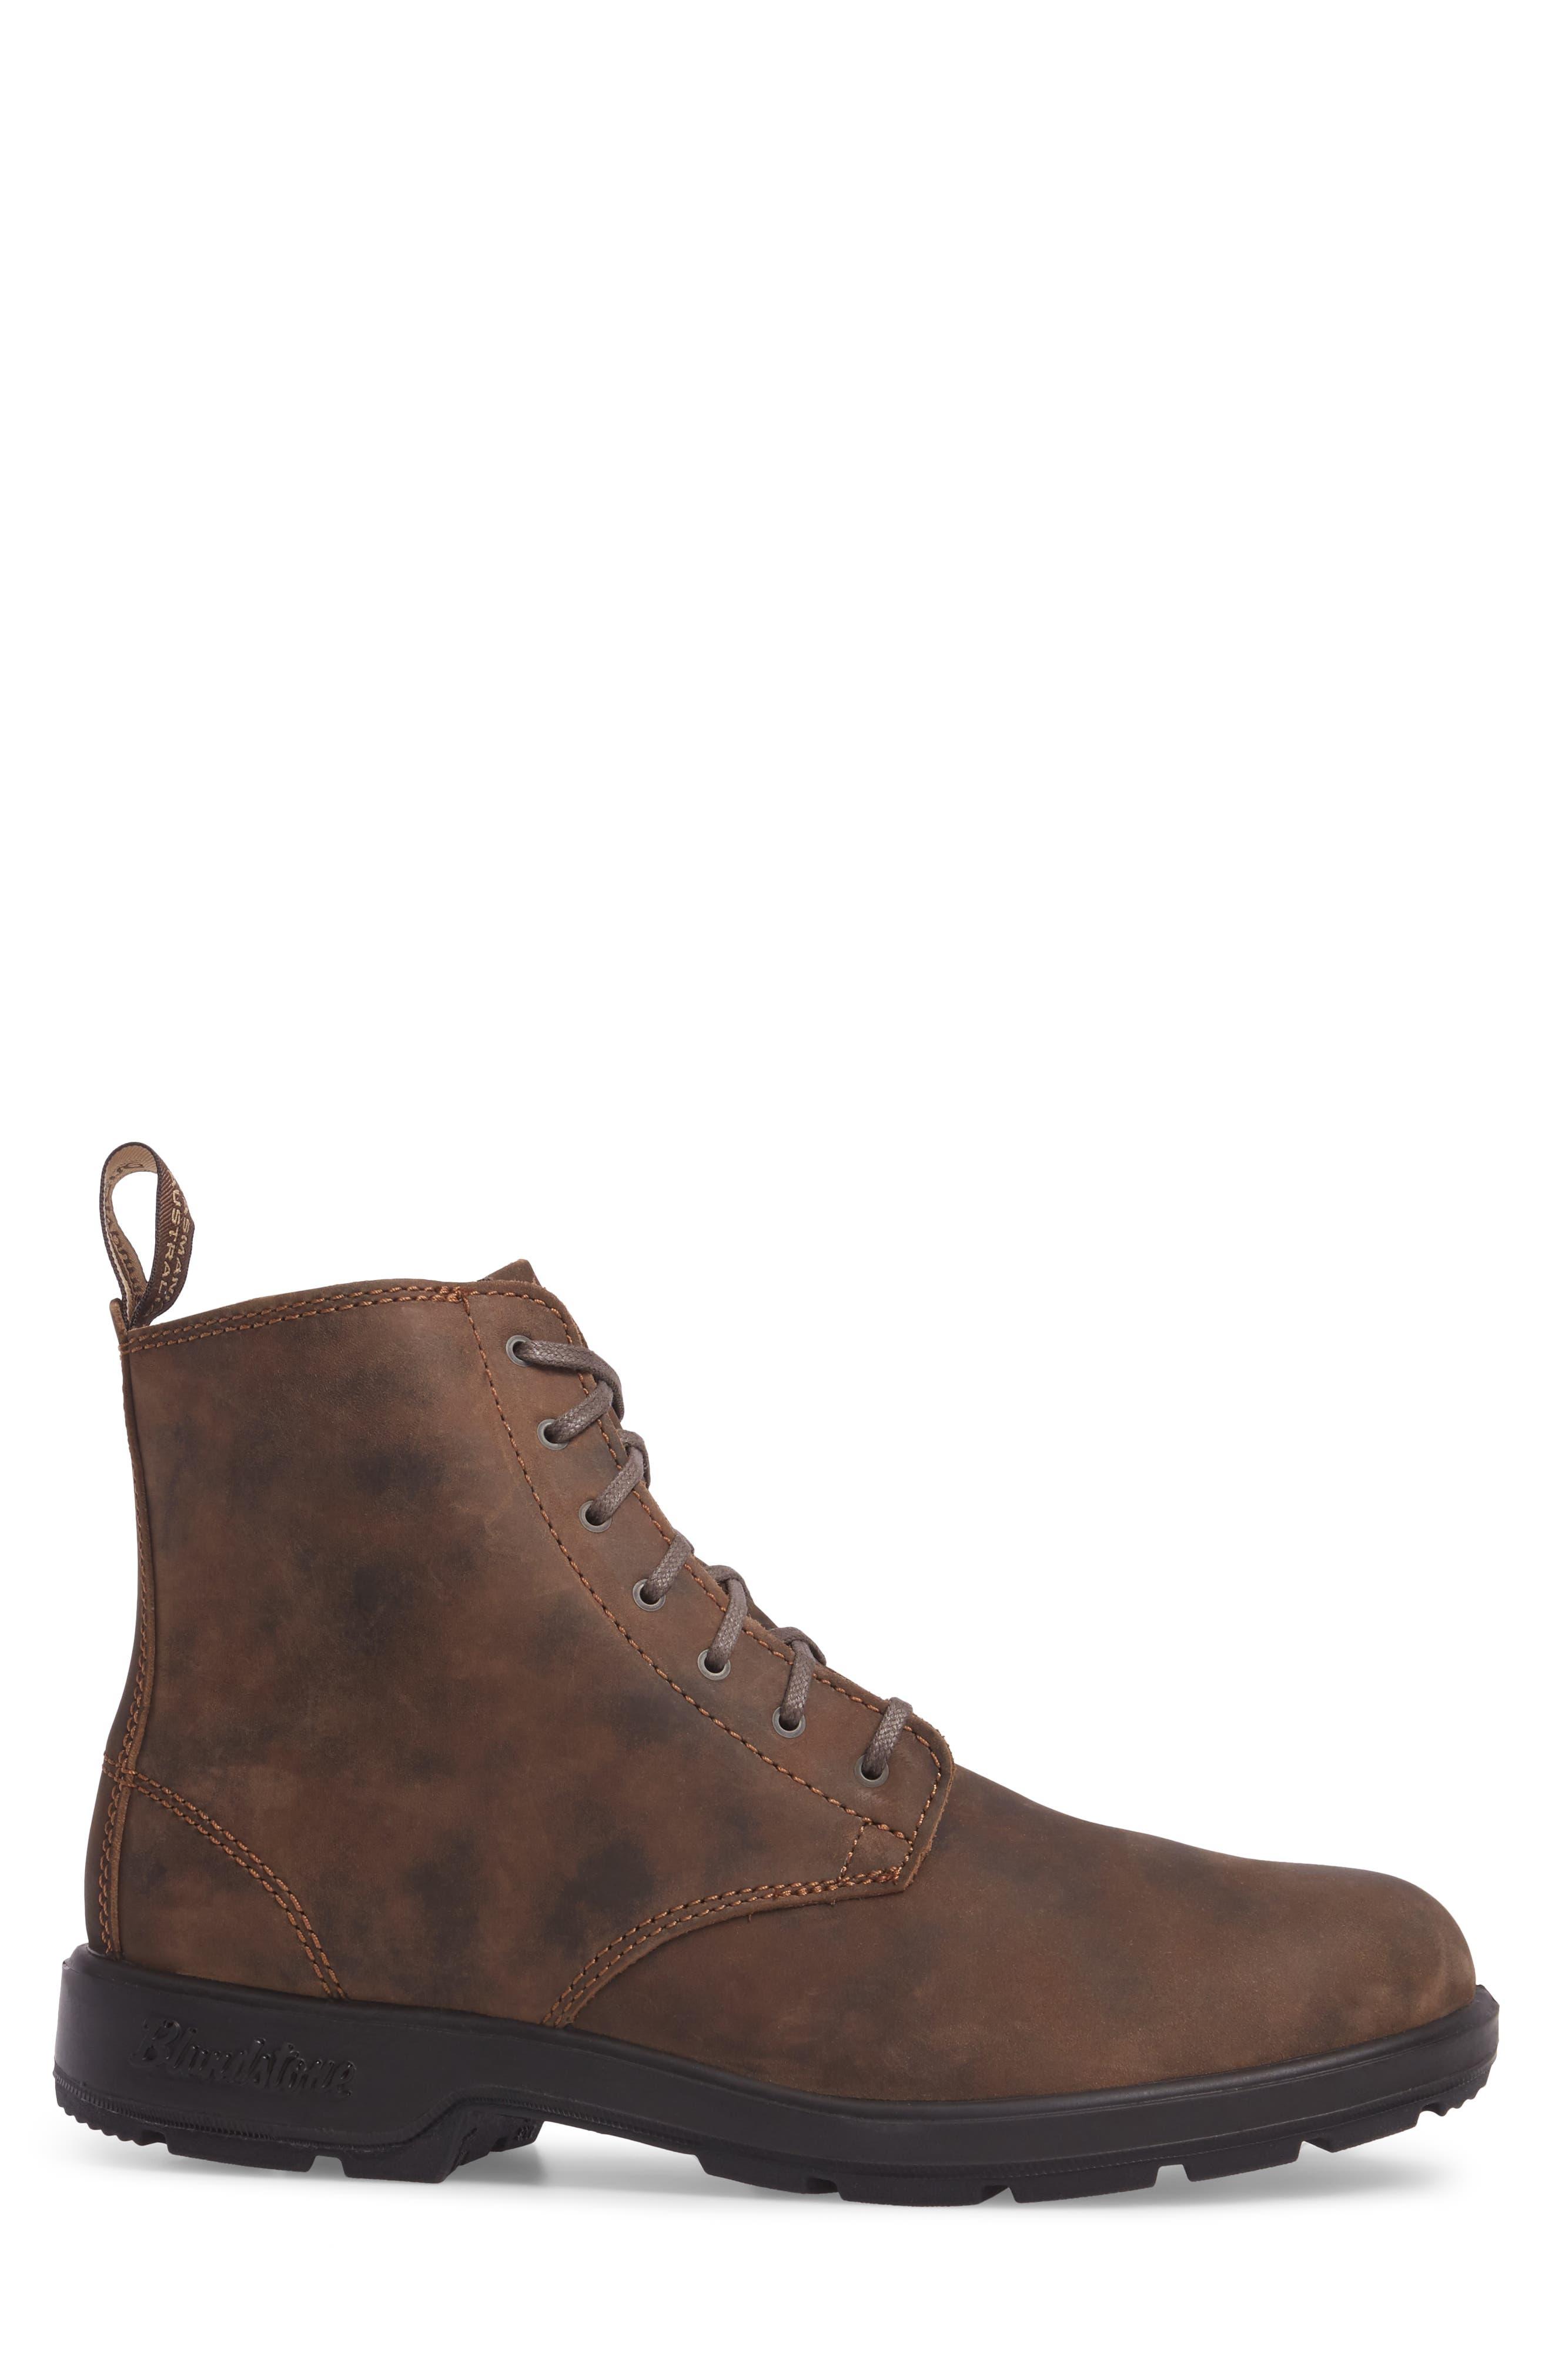 Original Plain Toe Boot,                             Alternate thumbnail 3, color,                             Rustic Brown Leather